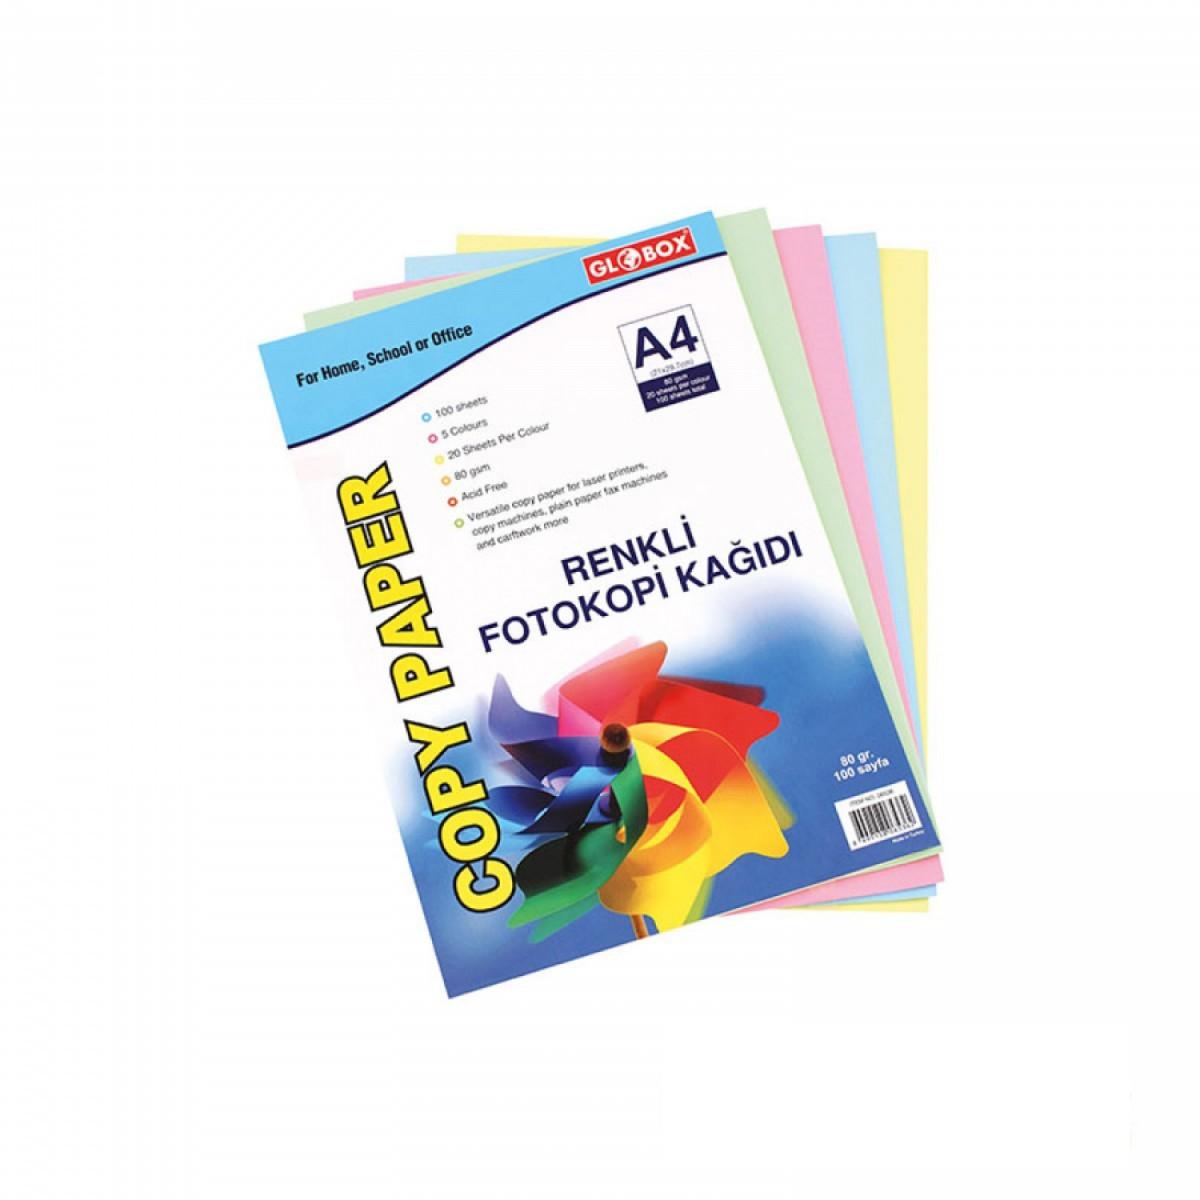 Globox 100'lü Karışık Renkli Fotokopi Kağıdı